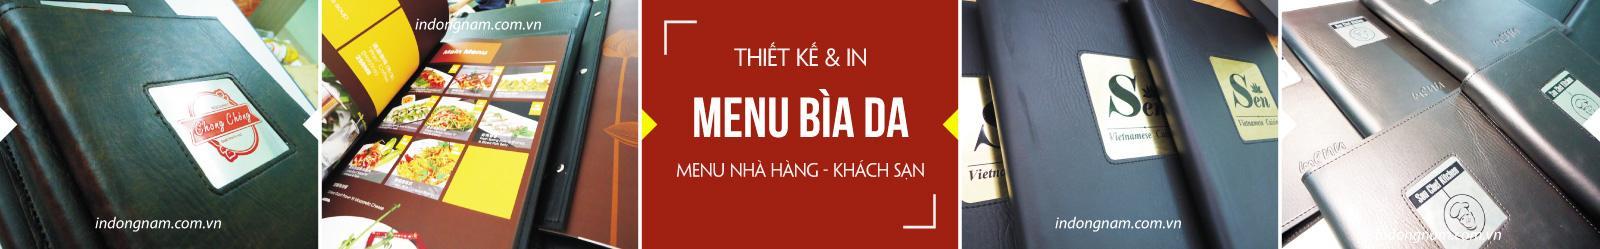 in menu nhà hàng làm menu bìa da